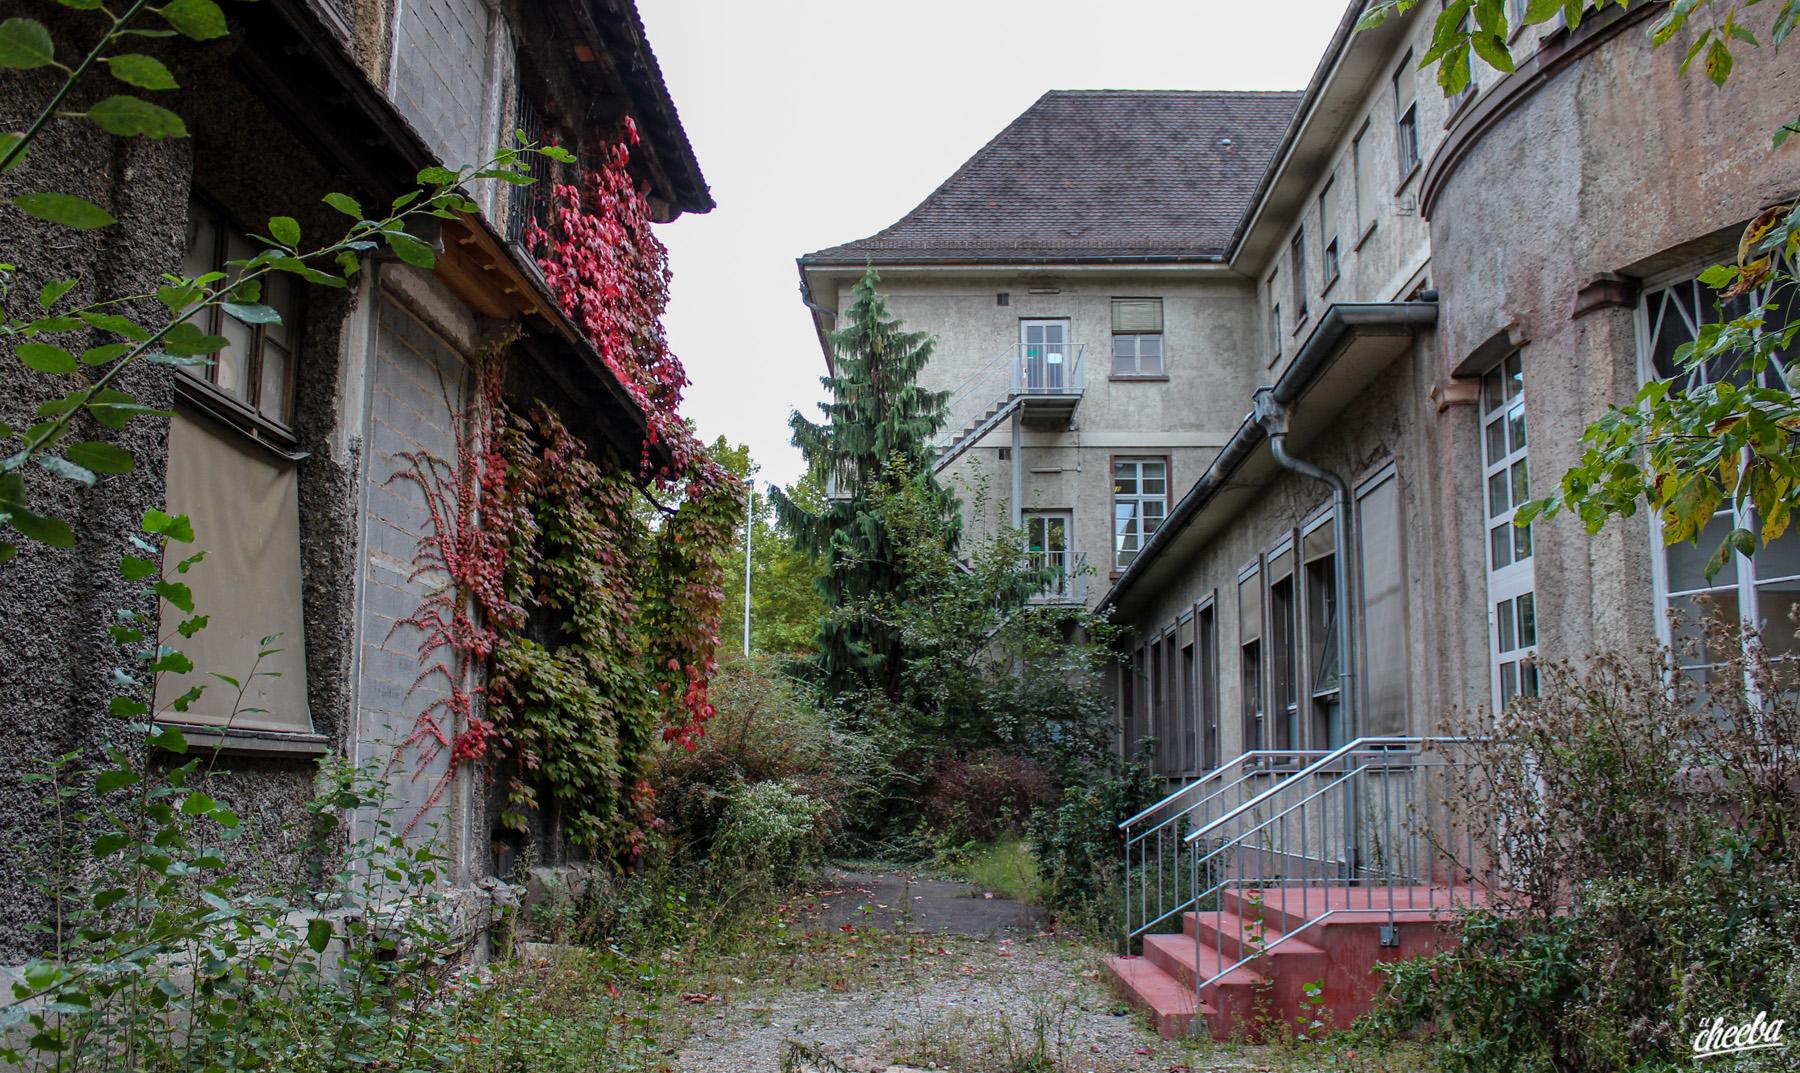 Urbex à l'Hôpital du Docteur Mabuse en Alsace - Urbex Alsace by El Cheeba